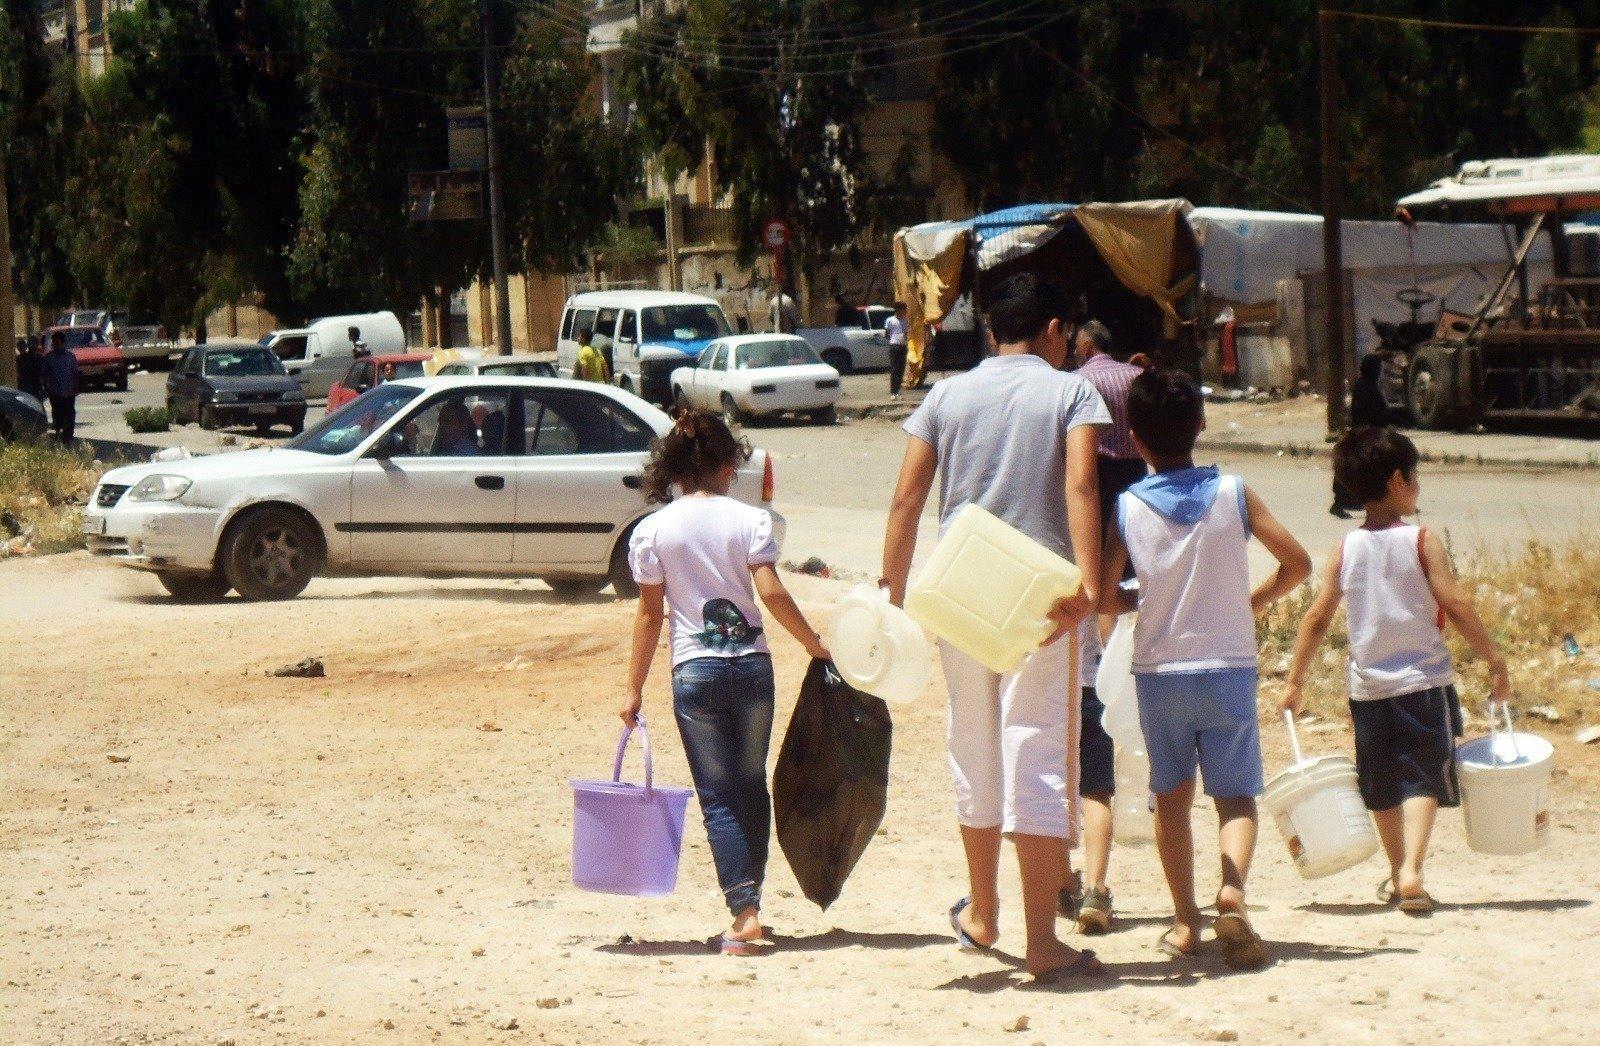 Bambini alla ricerca di acqua. A seguito della crisi idrica che ha colpito la città, già piegata dalla guerra, più di 2 milioni di persone non hanno avuto accesso all'acqua per mesi.